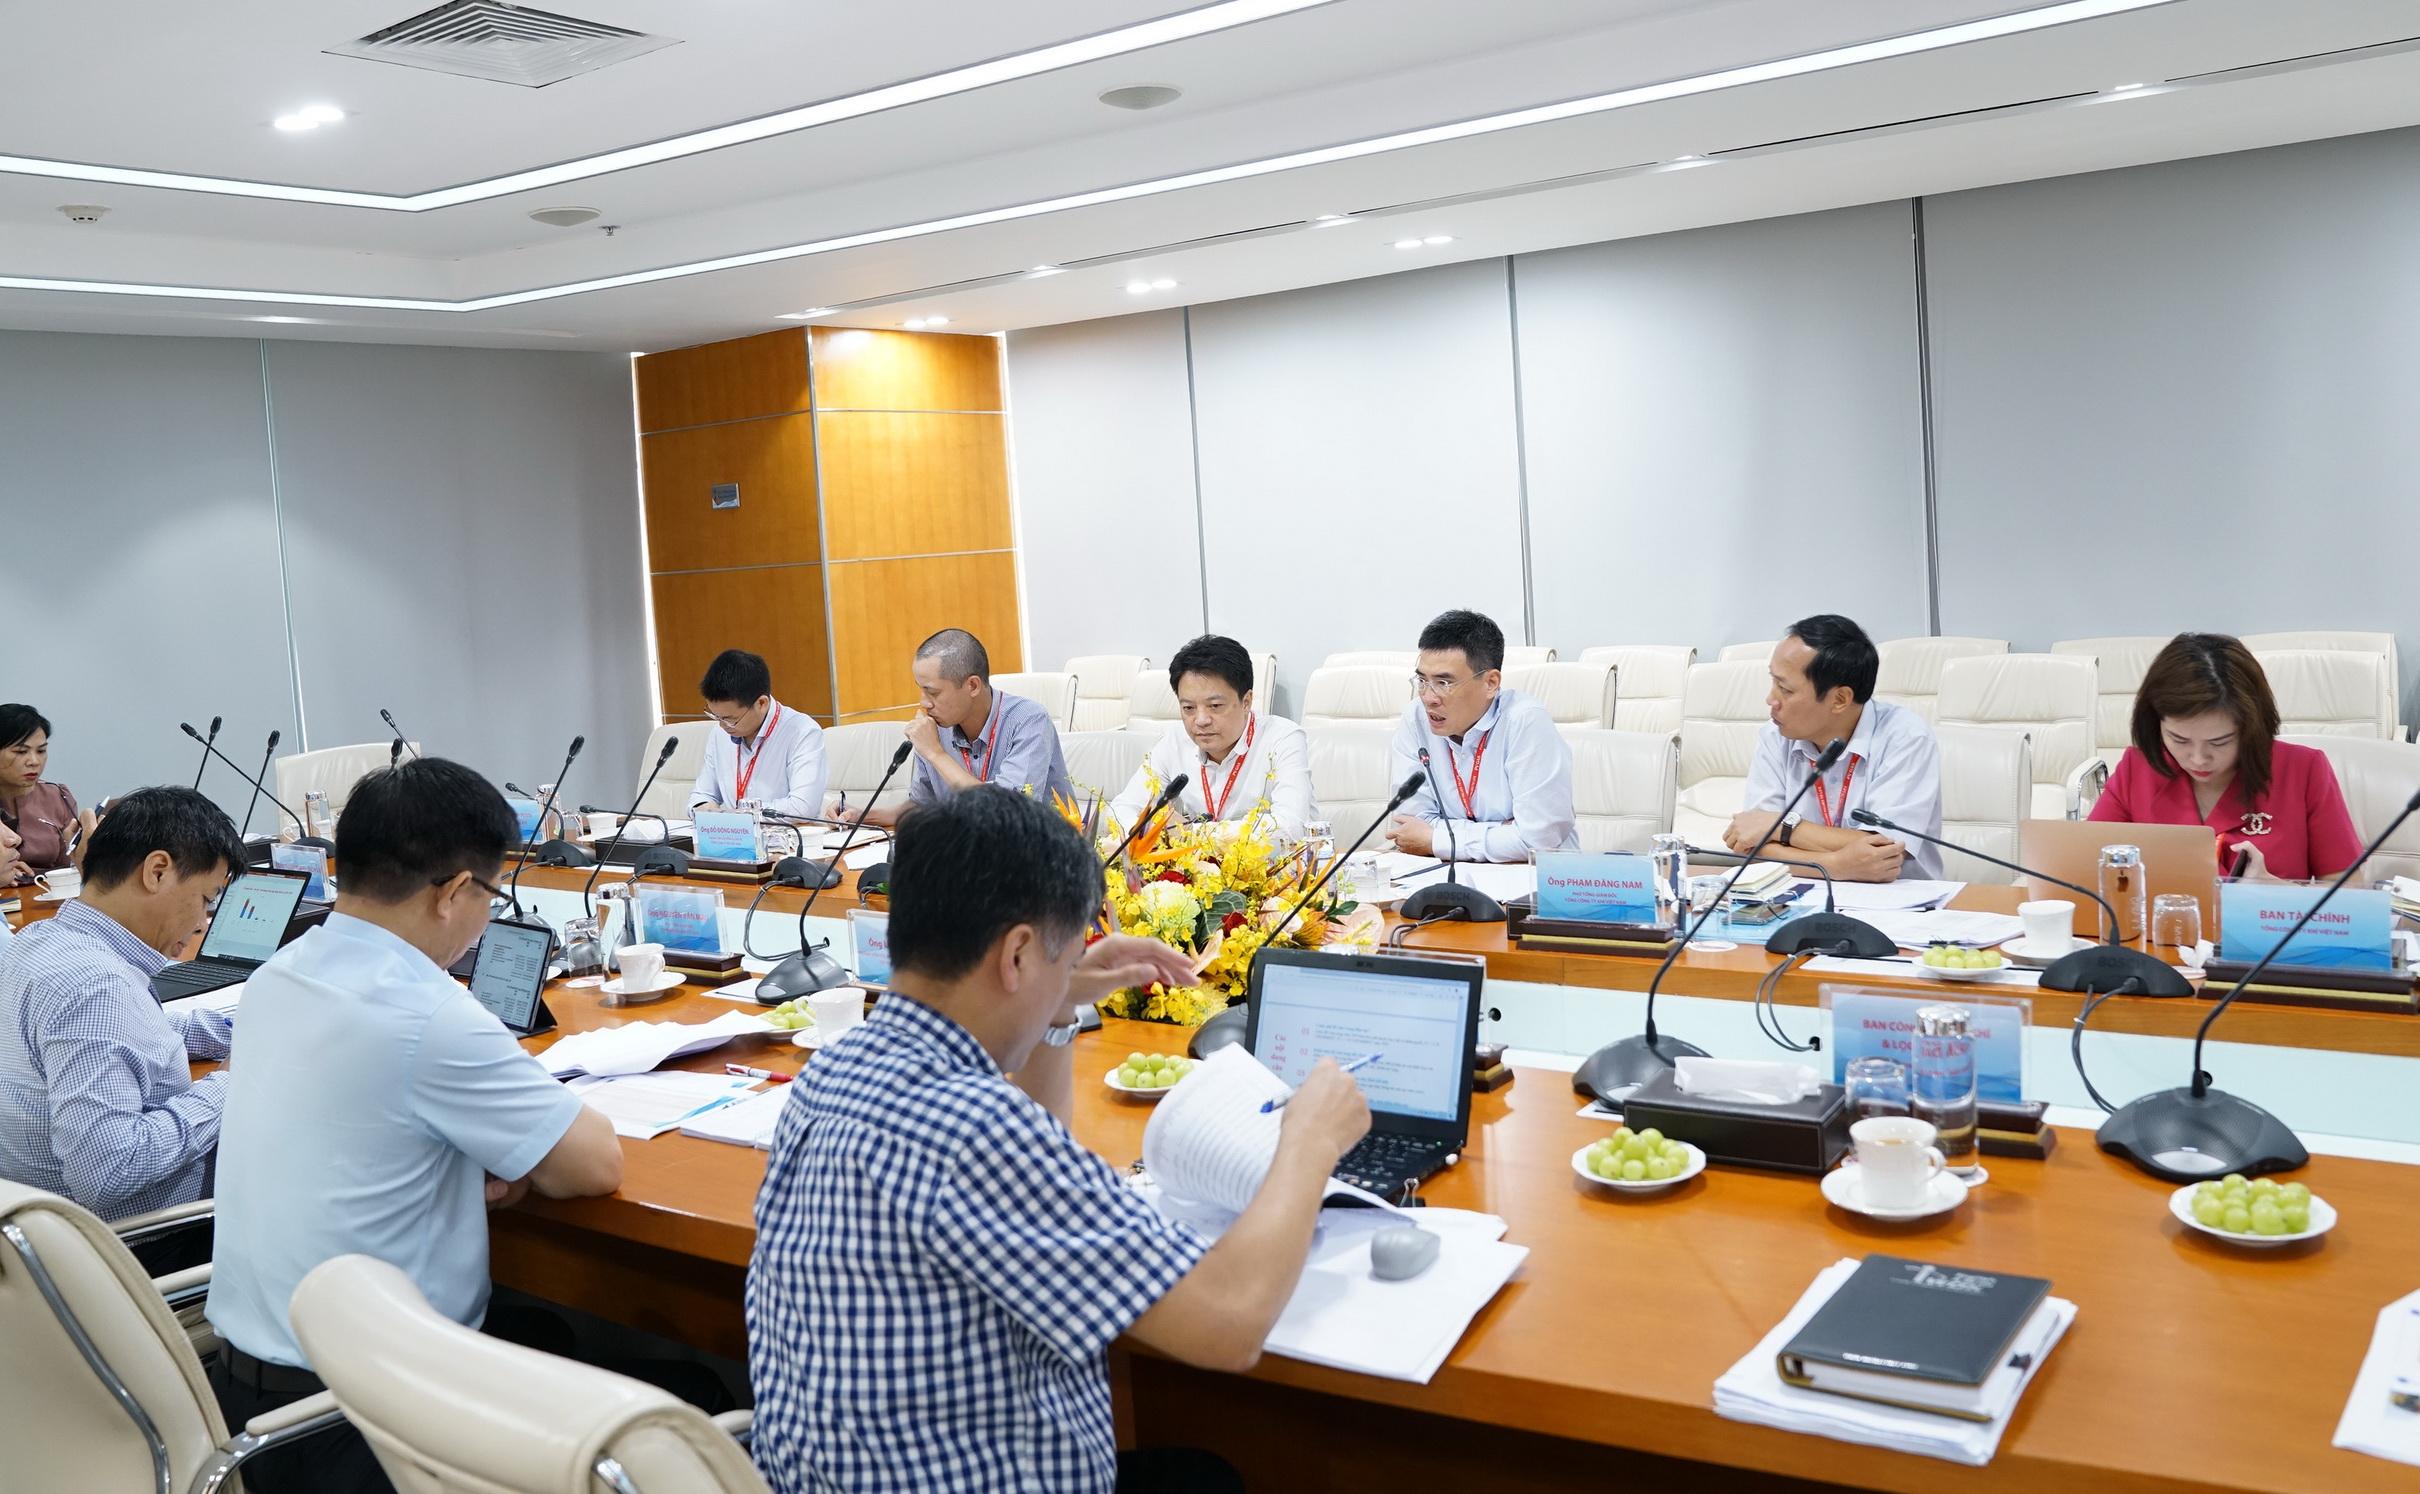 Phát biểu của ông Dương Mạnh Sơn, Tổng giám đốc PV GAS